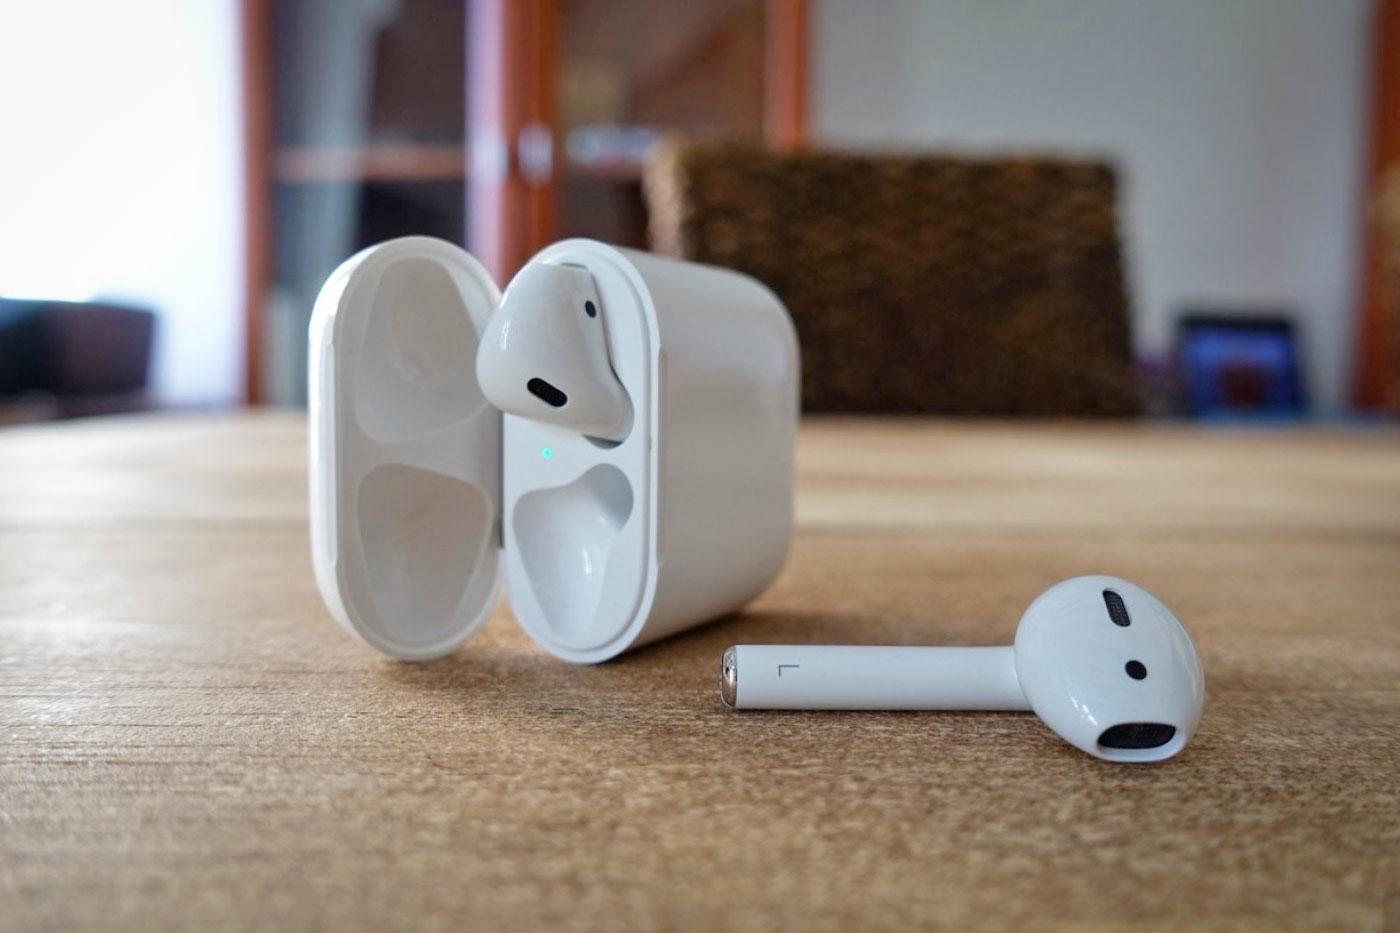 روش جدید اپل برای شارژ بیسیم گوشیهای آیفون